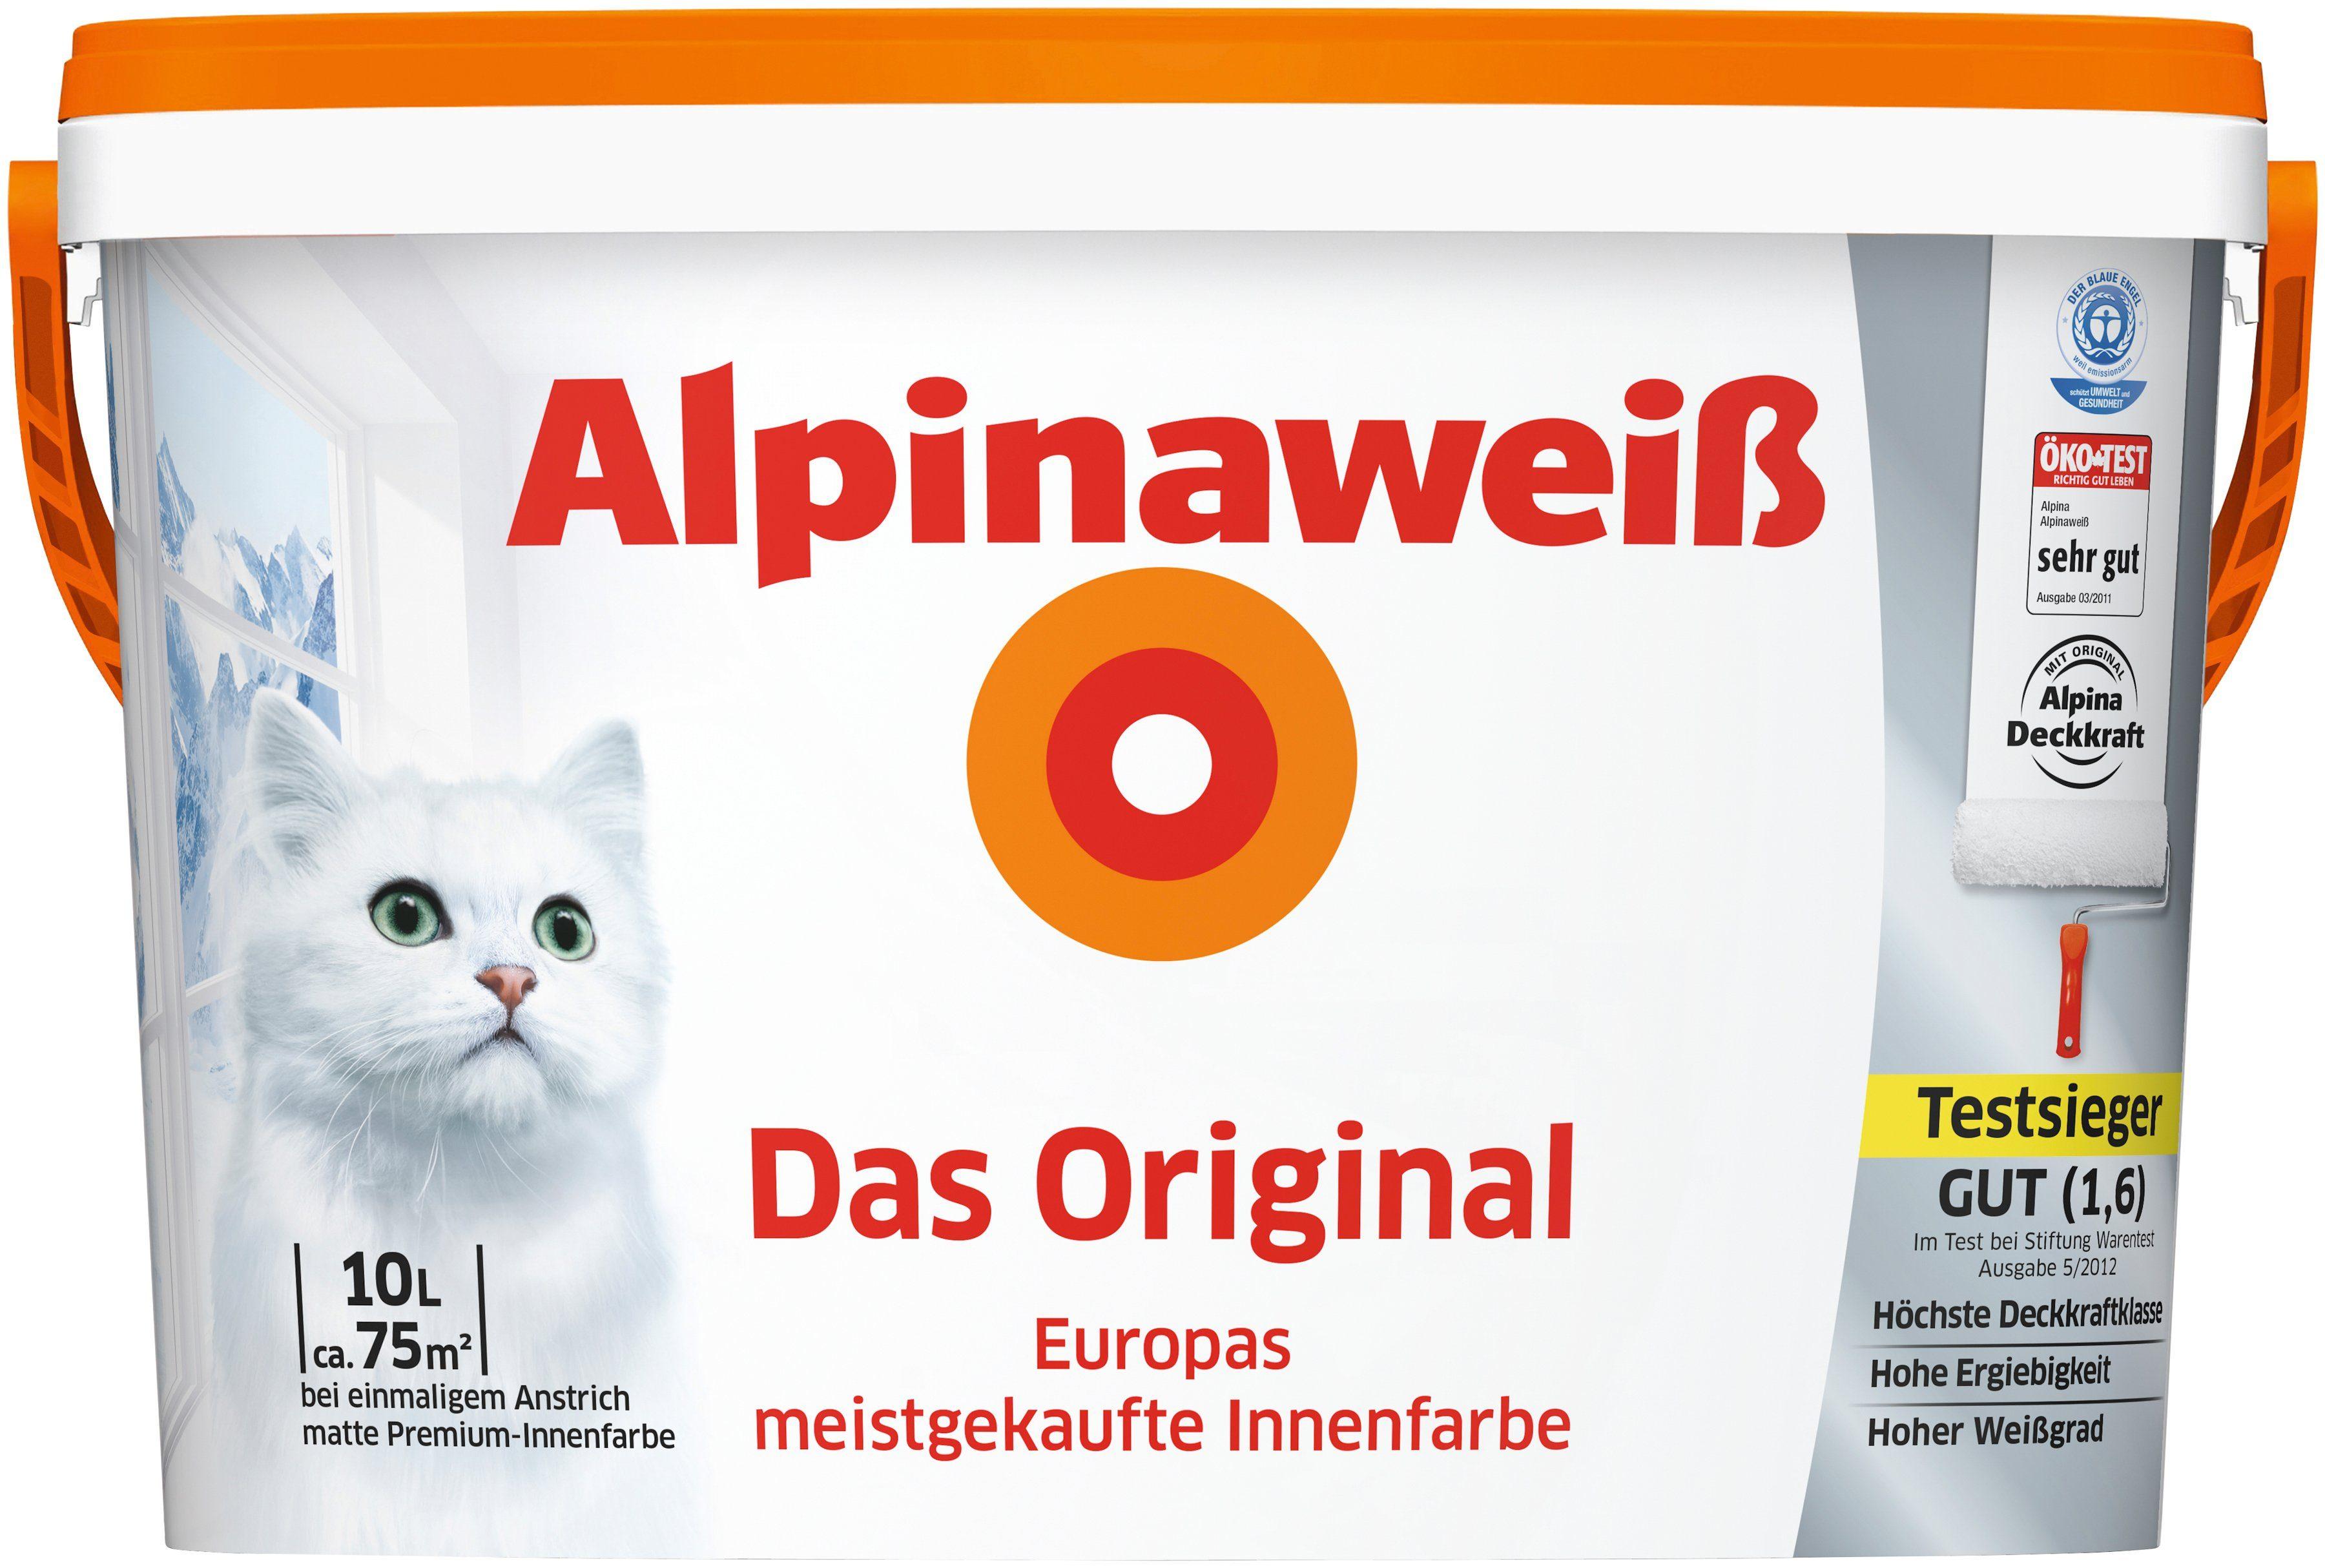 ALPINA Innenfarbe »Das Original«, Alpinaweiß 10L